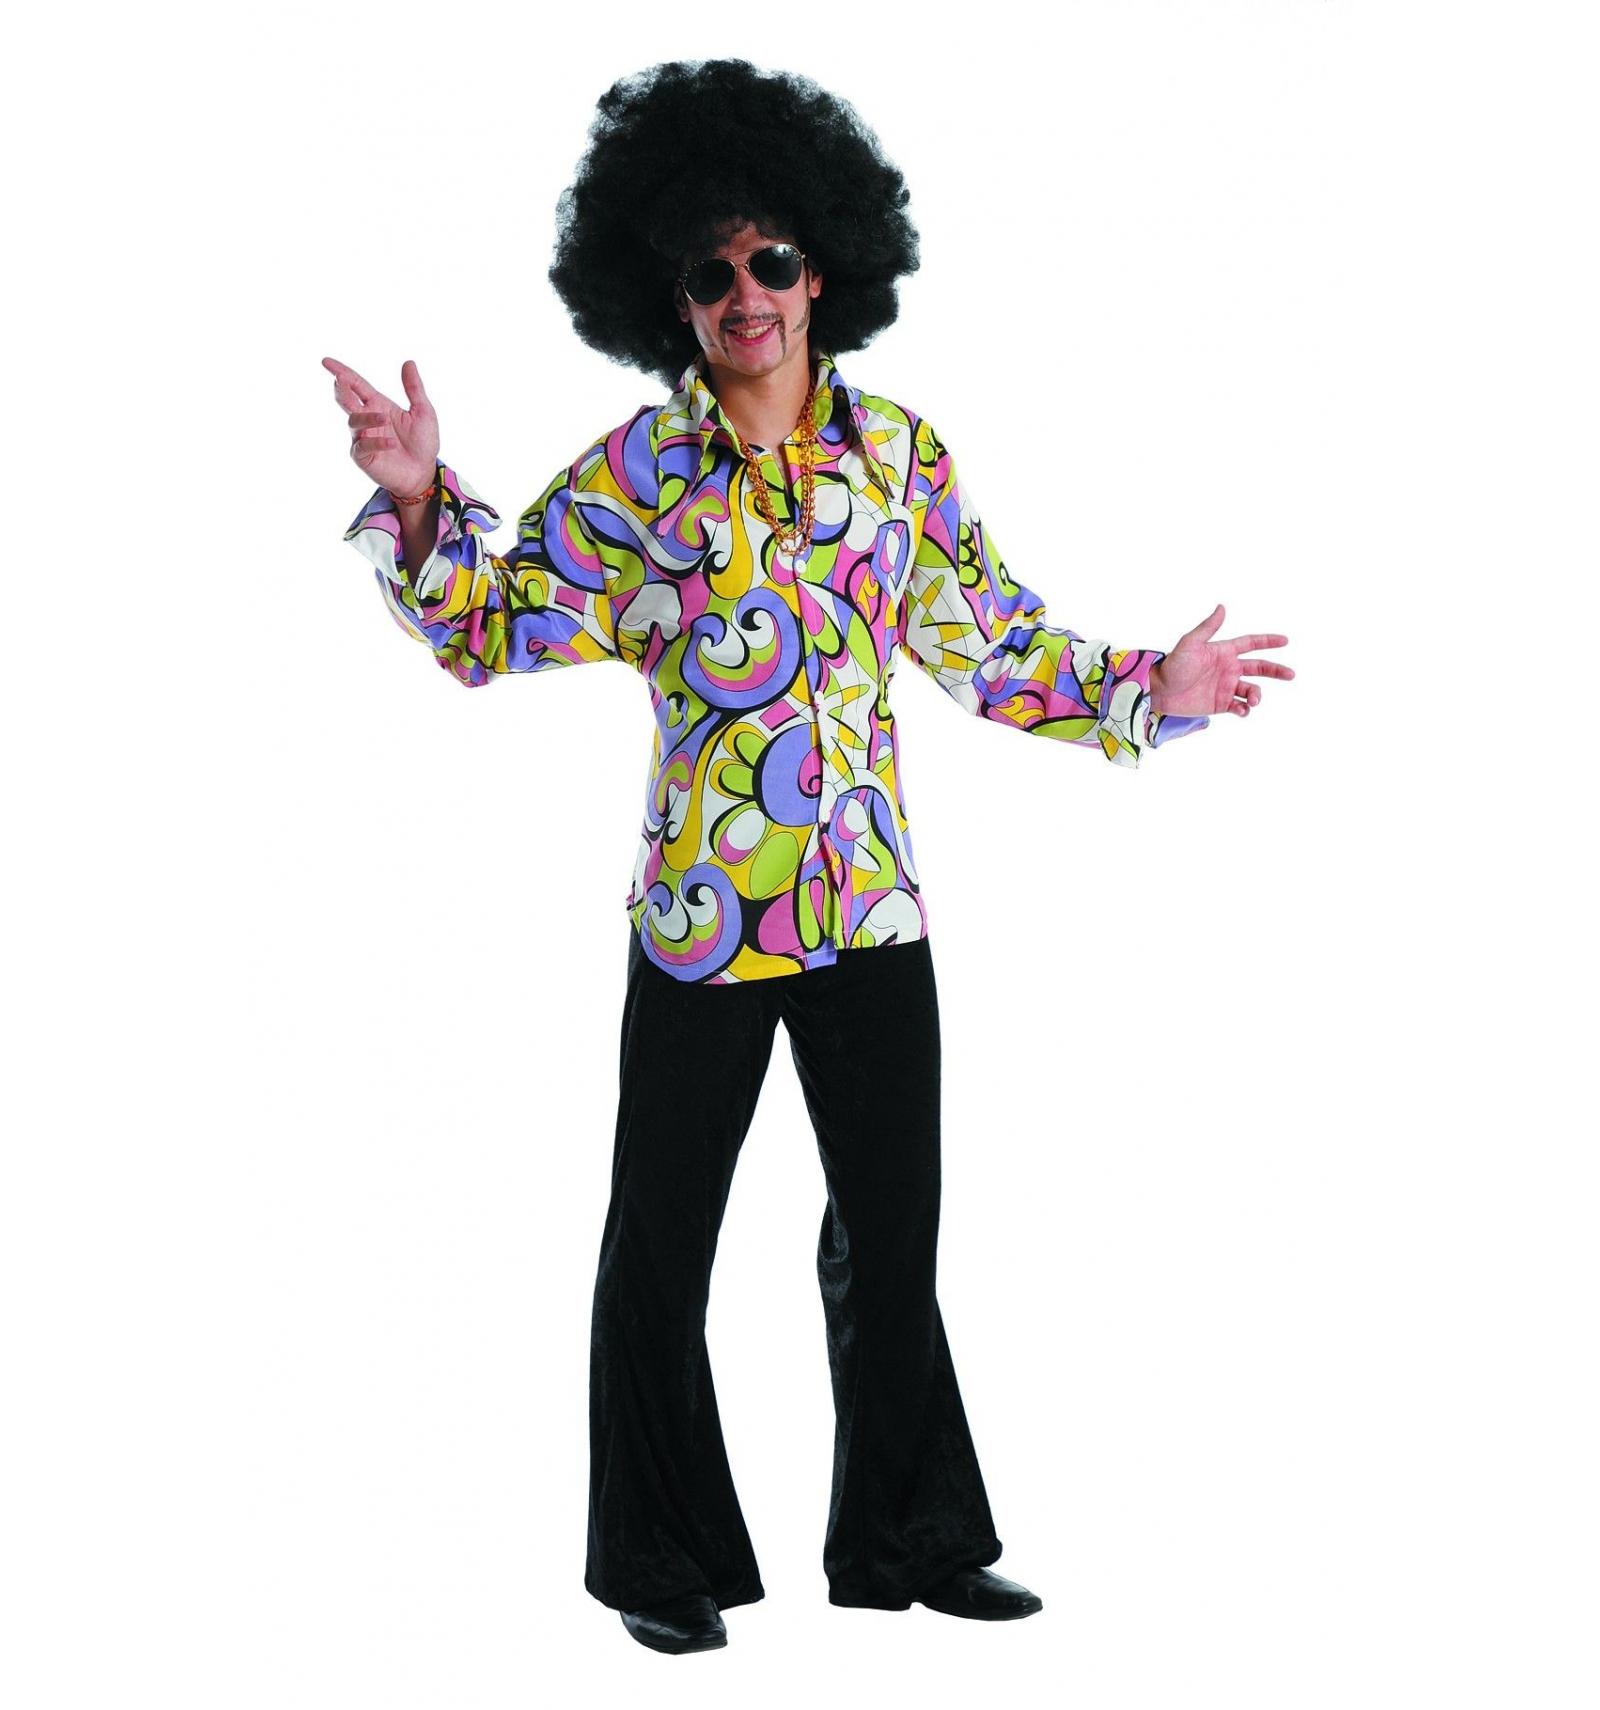 D guisement hippie ann es 70 homme t xxl votre magasin - Annee 70 homme ...